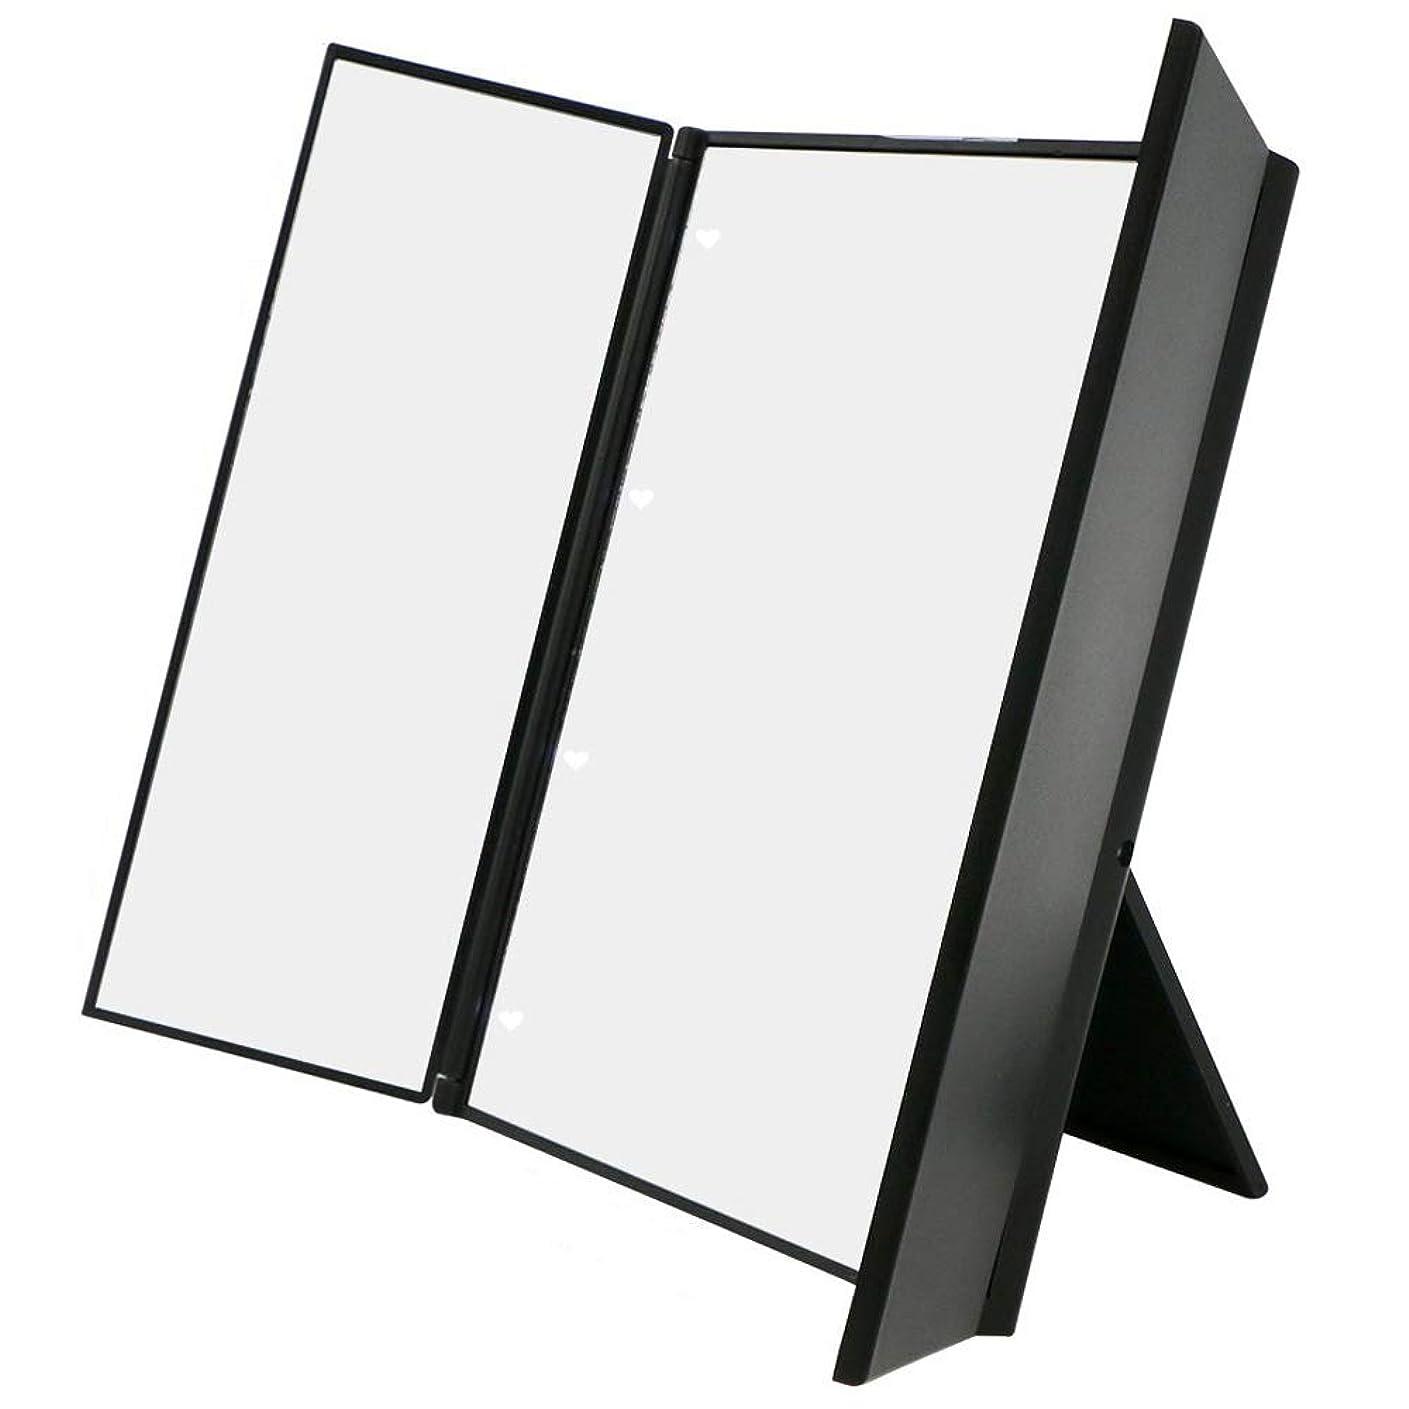 階ハブかんがい化粧鏡 卓上ミラー三面鏡 スタンドミラー LED付き 折りたたみ式 角度調整可能